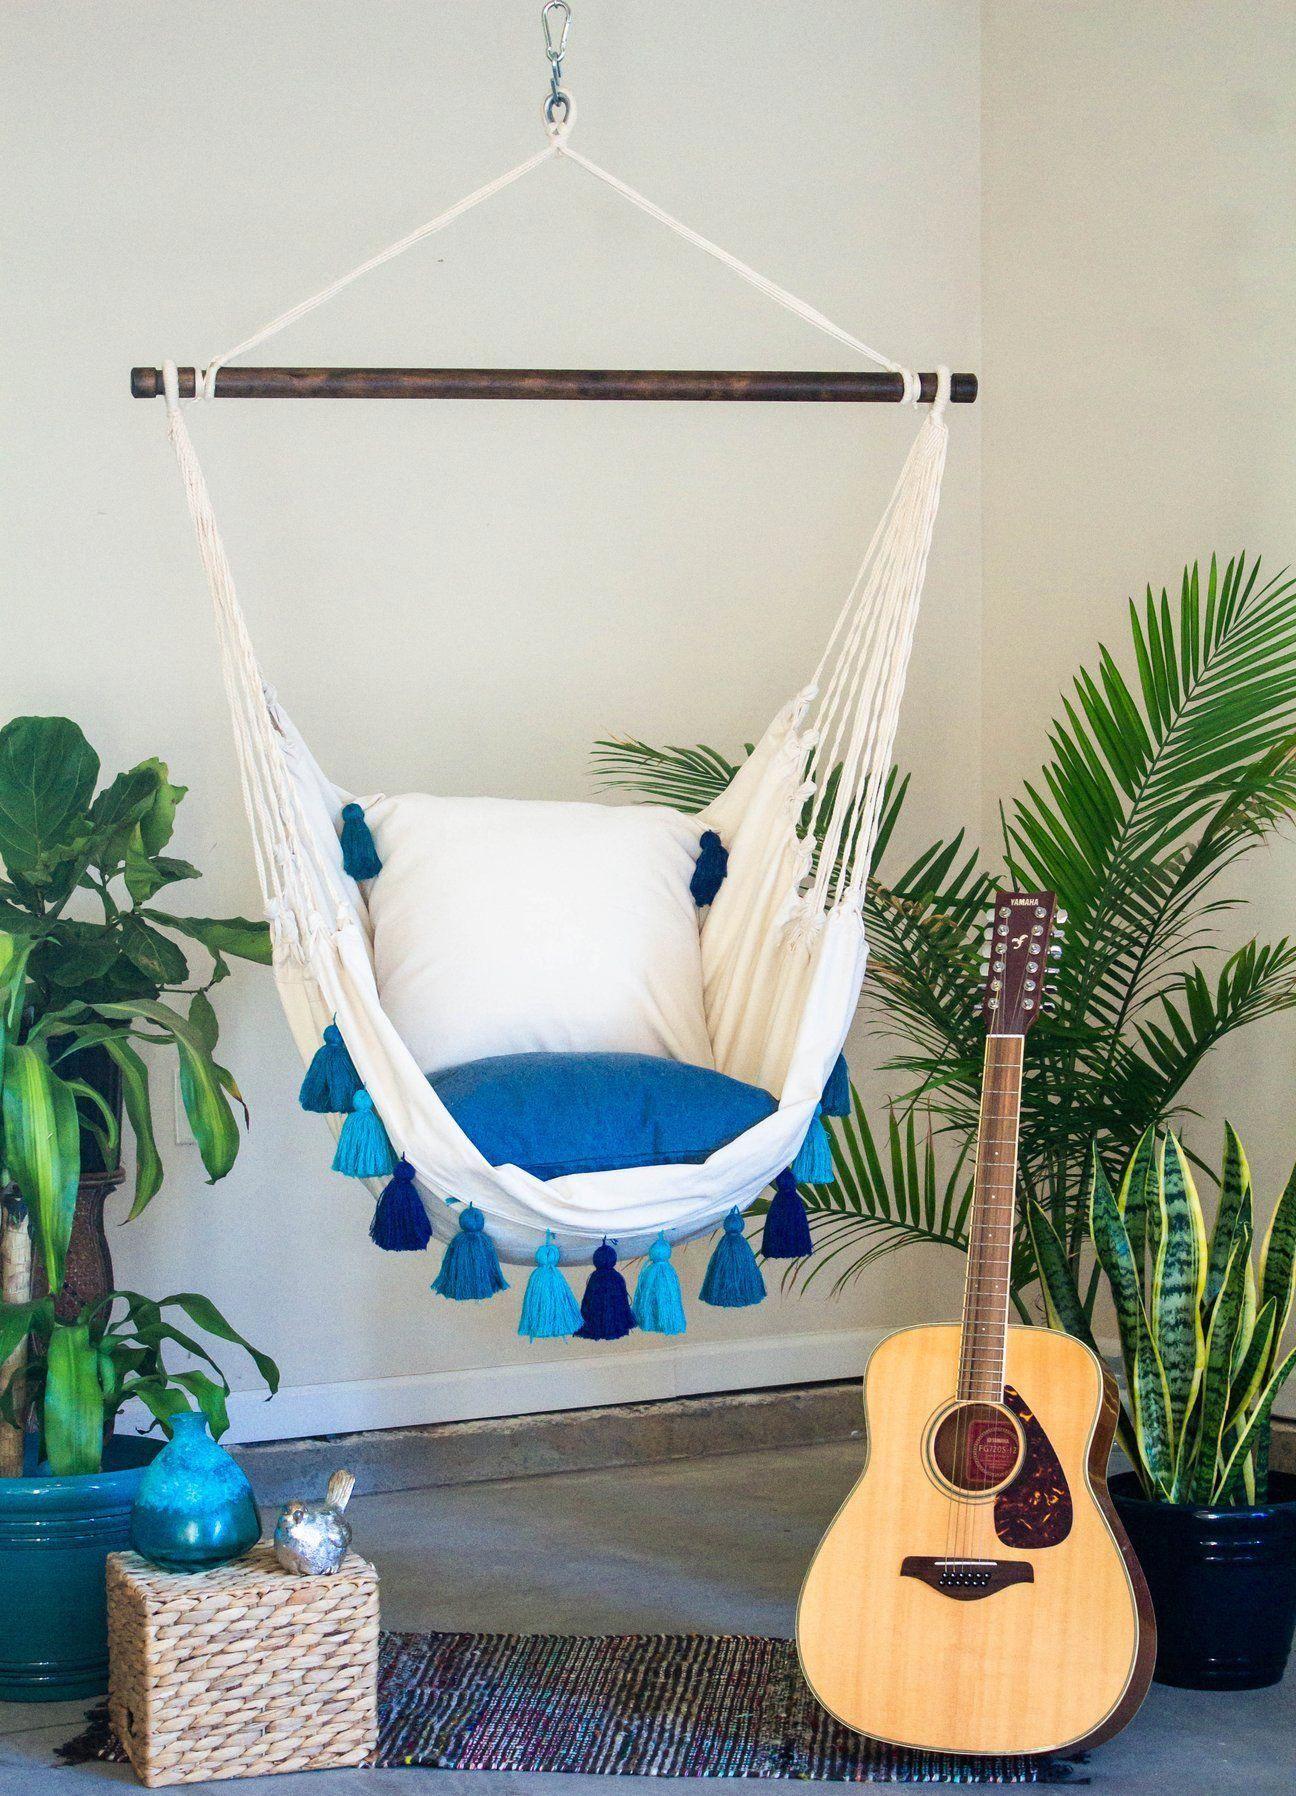 turquoiselivingroomdecor in 2020 Indoor hammock chair